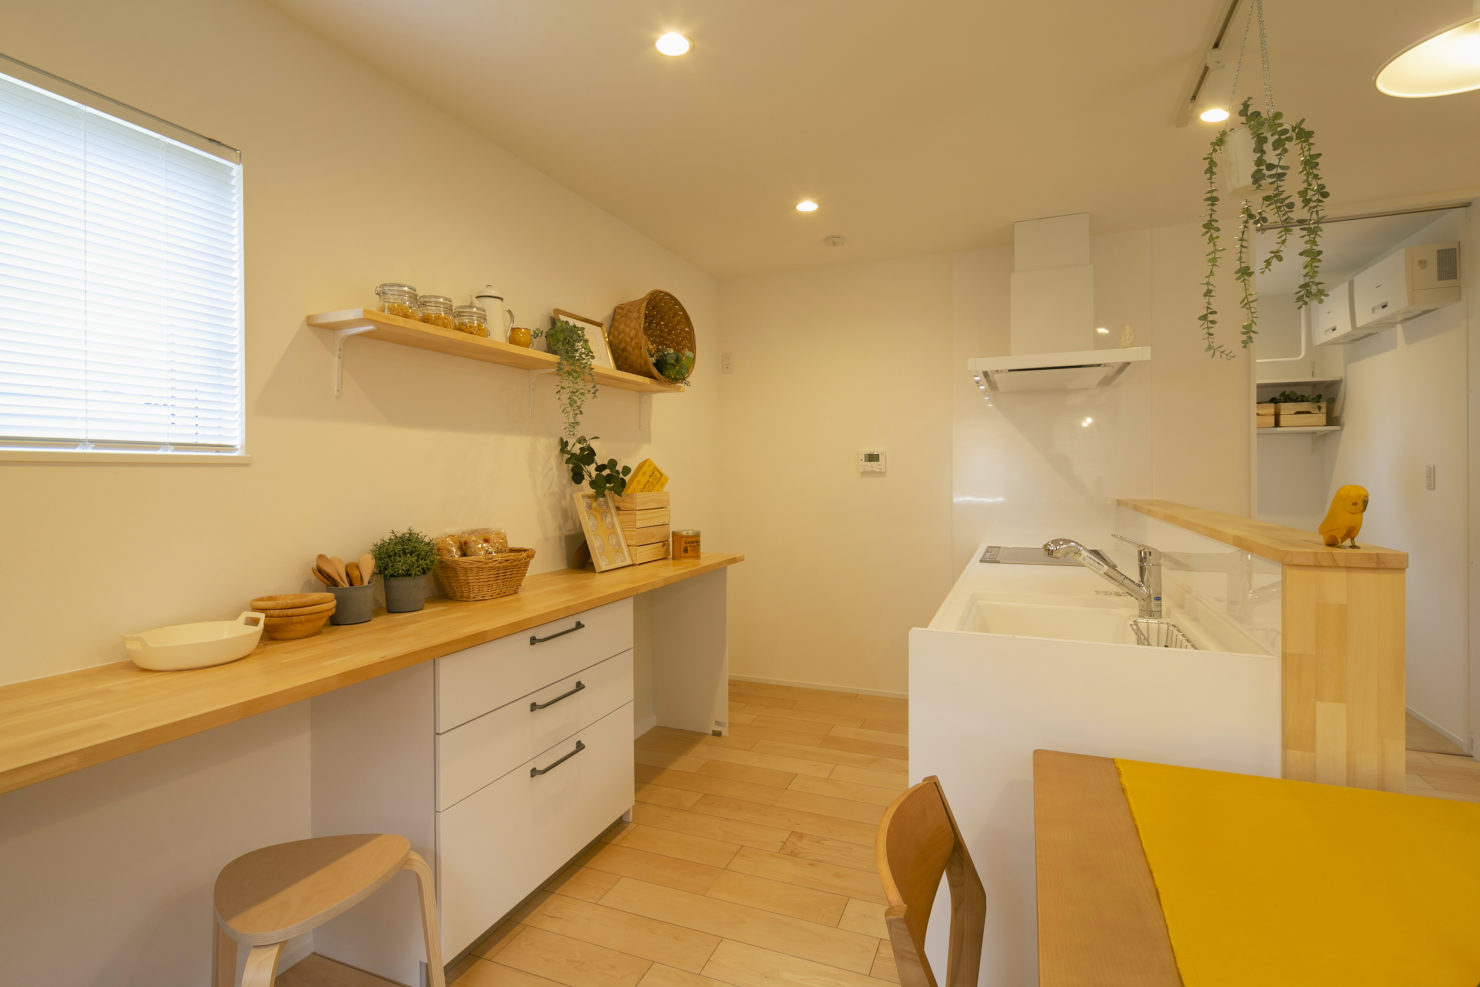 ハウスM21 北上市村崎野建売住宅 キッチン写真